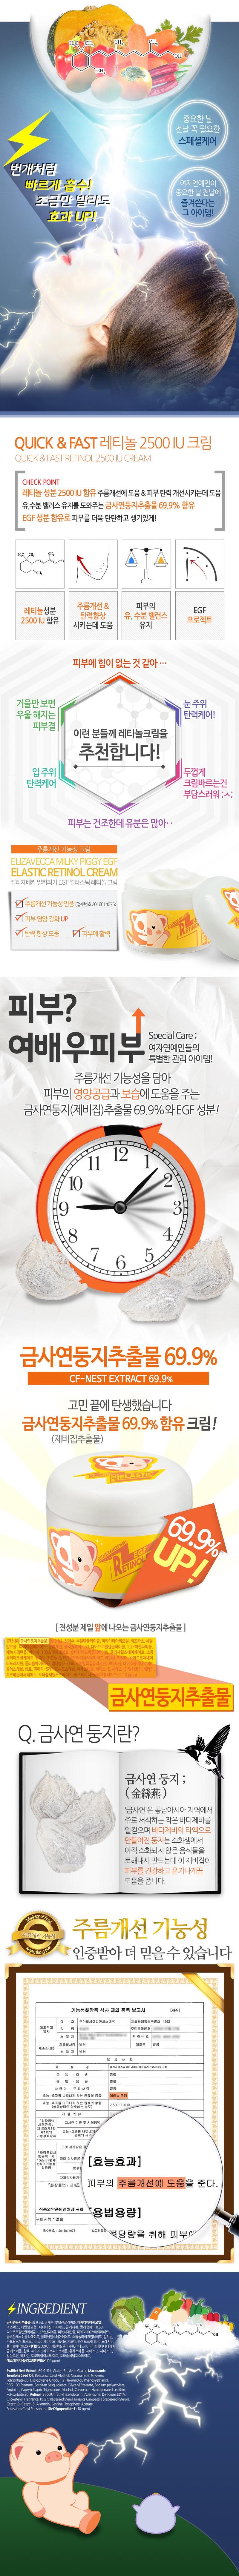 엘리자베카 [Elizavecca] <b> 레티놀크림 추천</b><br>50대수분크림 번개